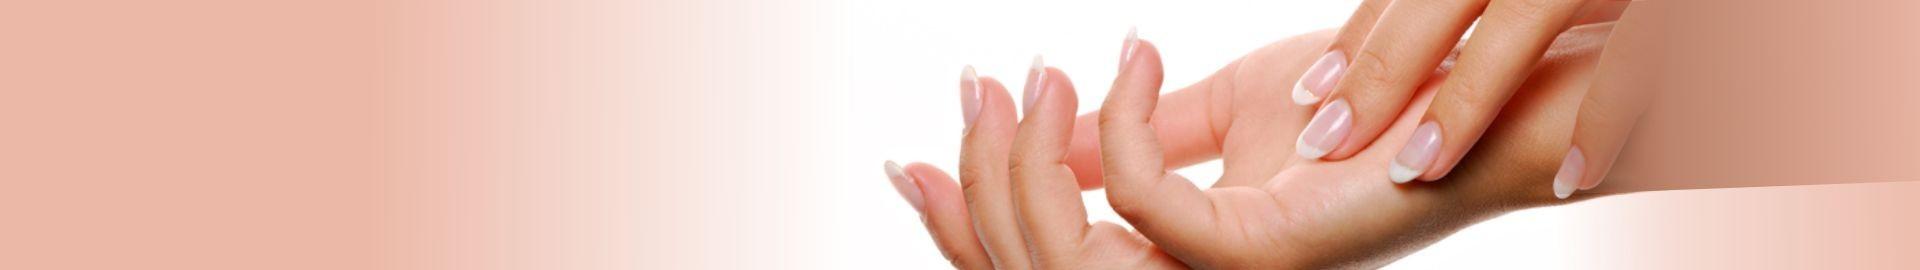 Cura di Mani ed Unghie